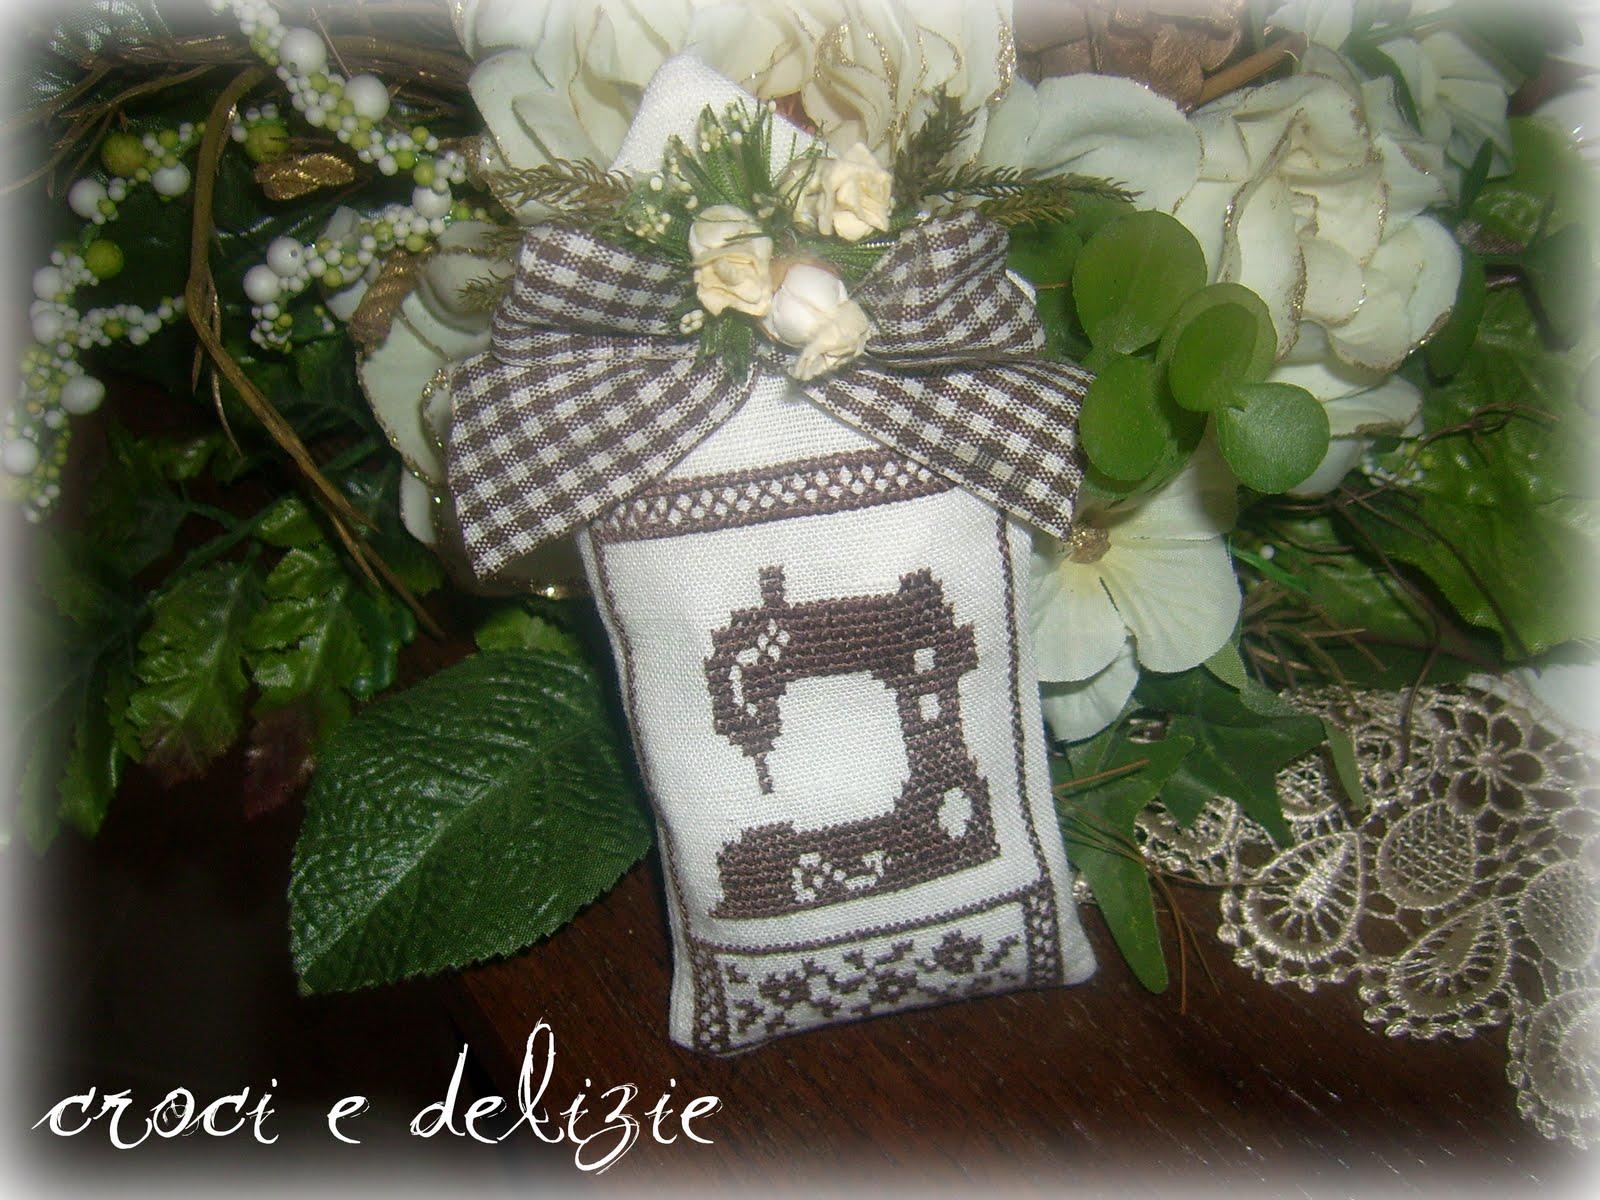 Croci e delizie sewing - Pagine da colorare croci ...